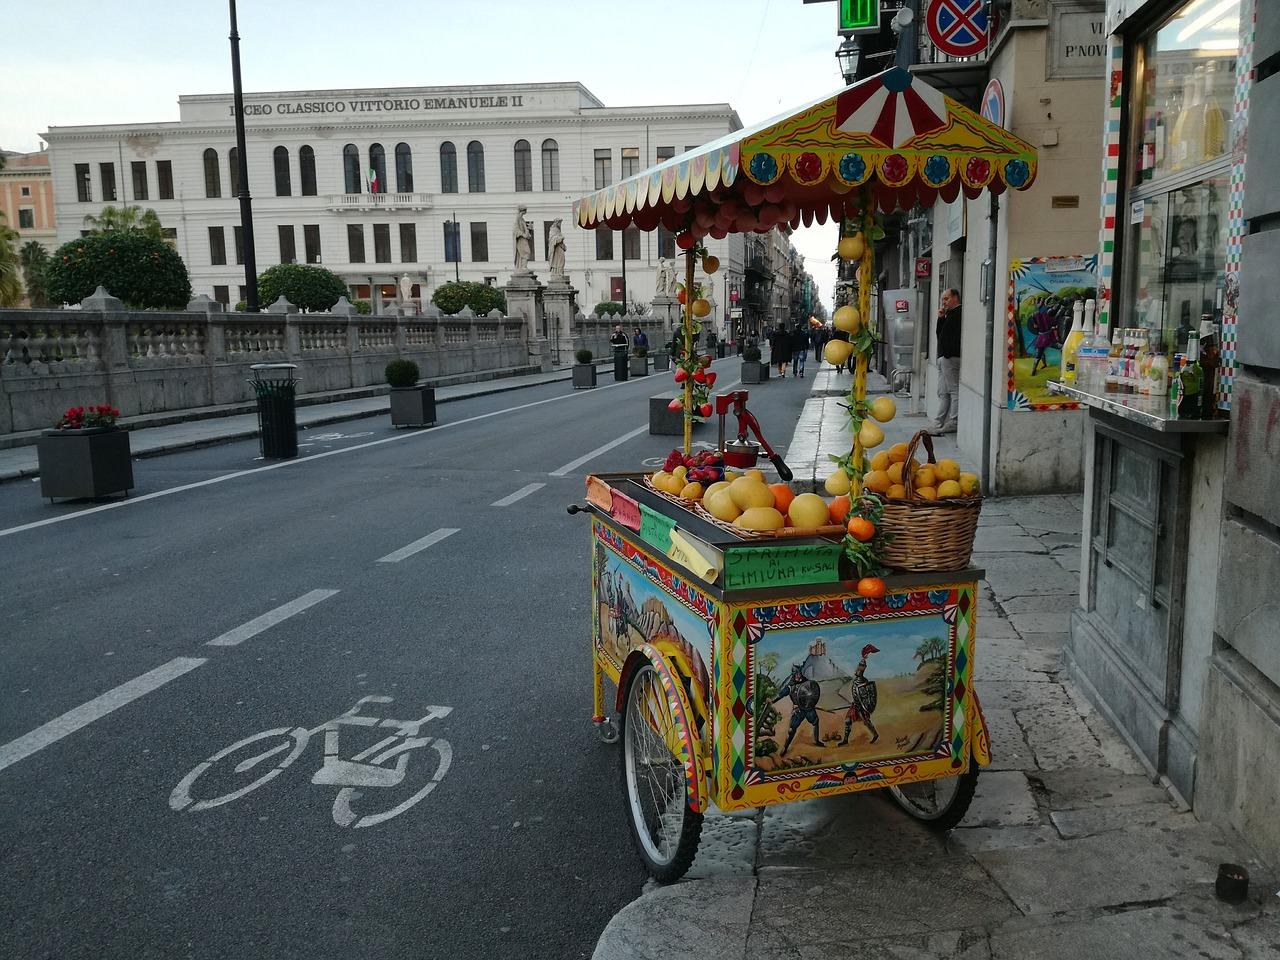 Palermo la città dello street food